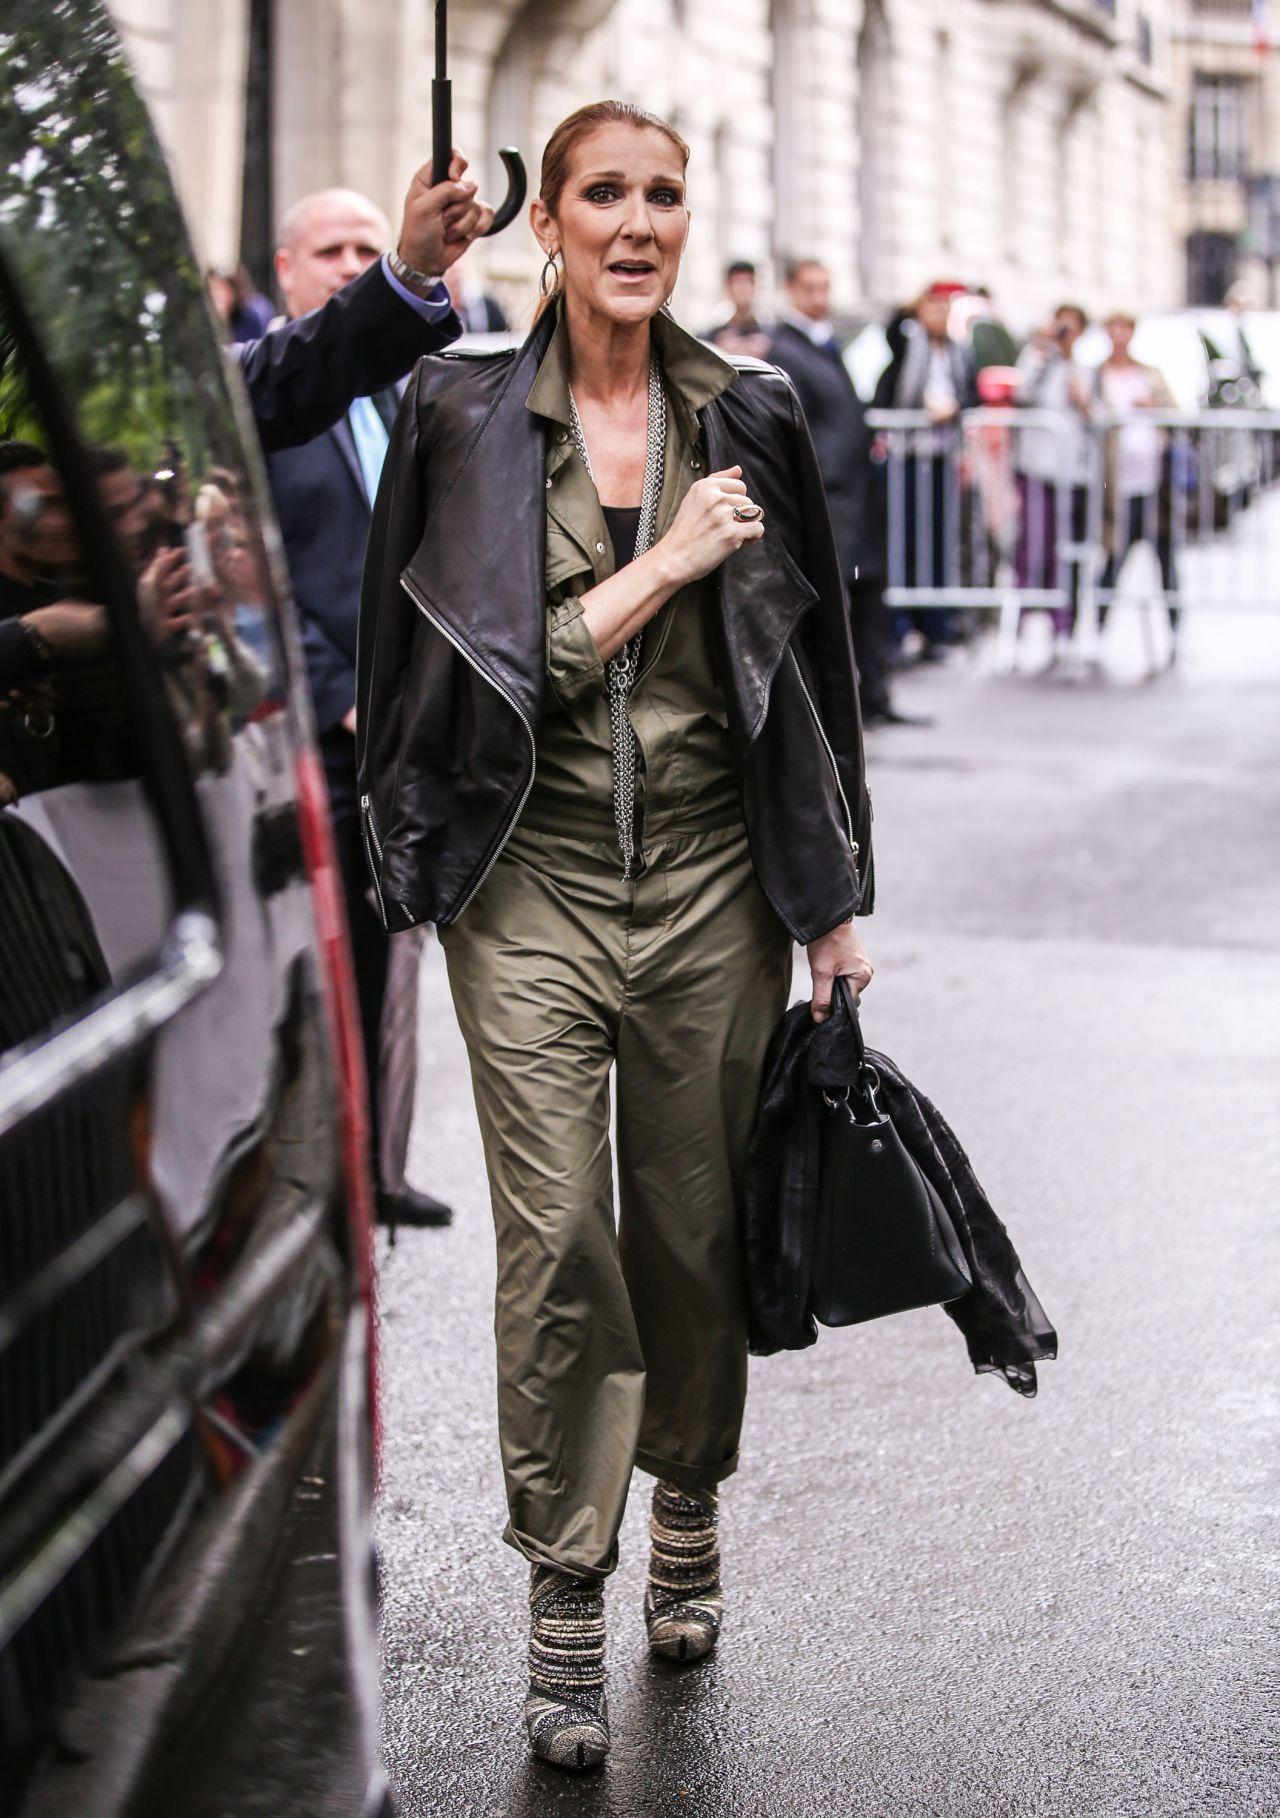 Celine Dion Meets Some Fans In Paris 6 18 2016